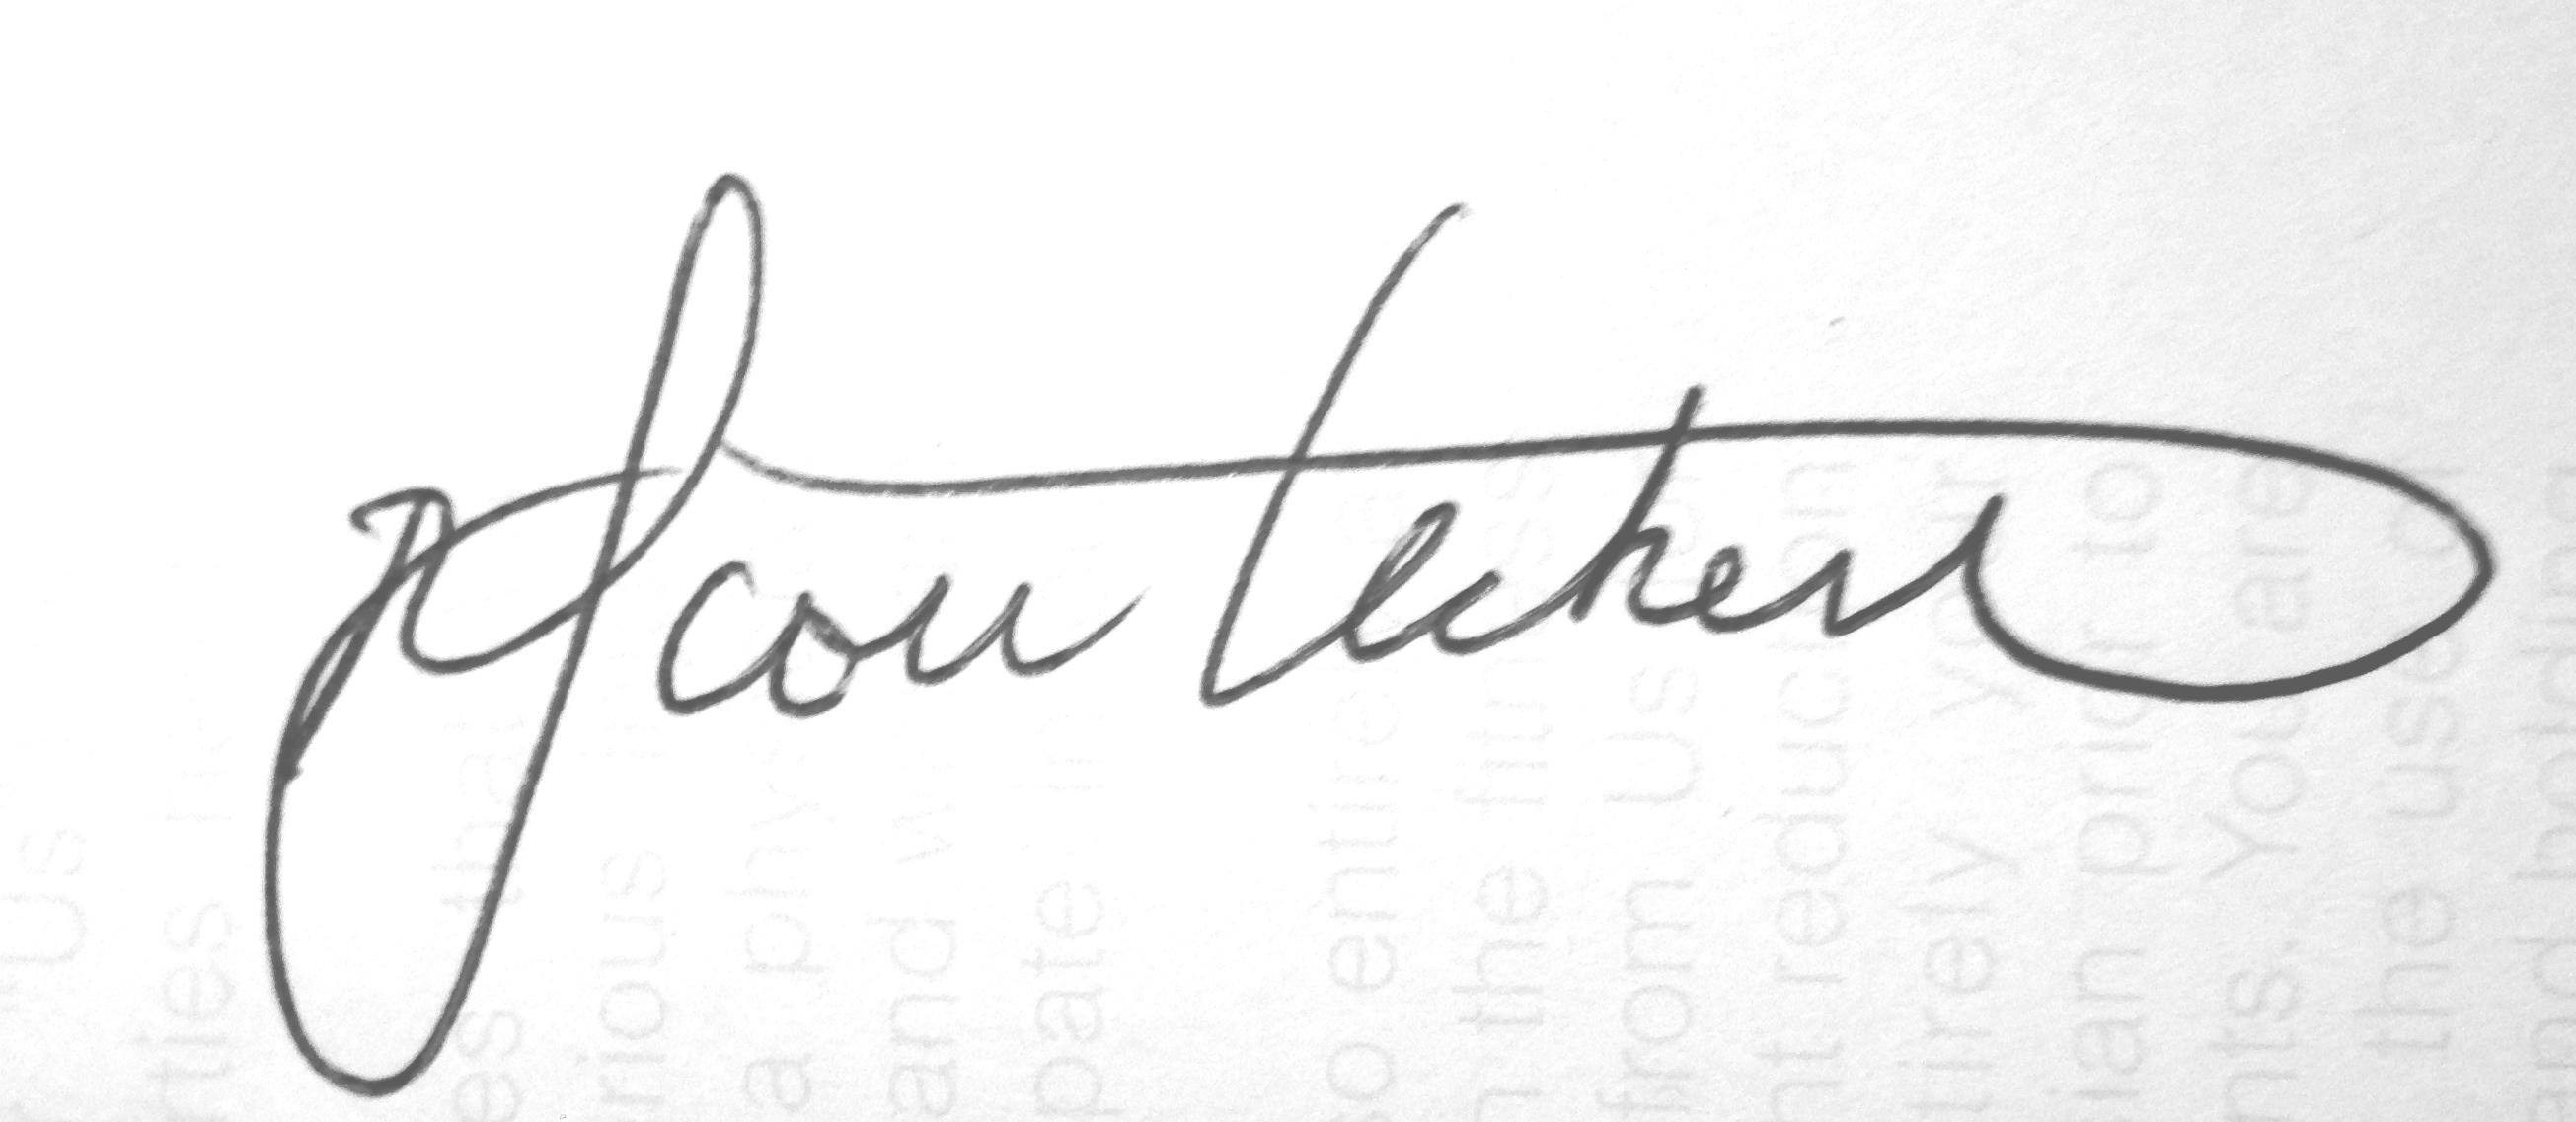 Scott Heckert Signature